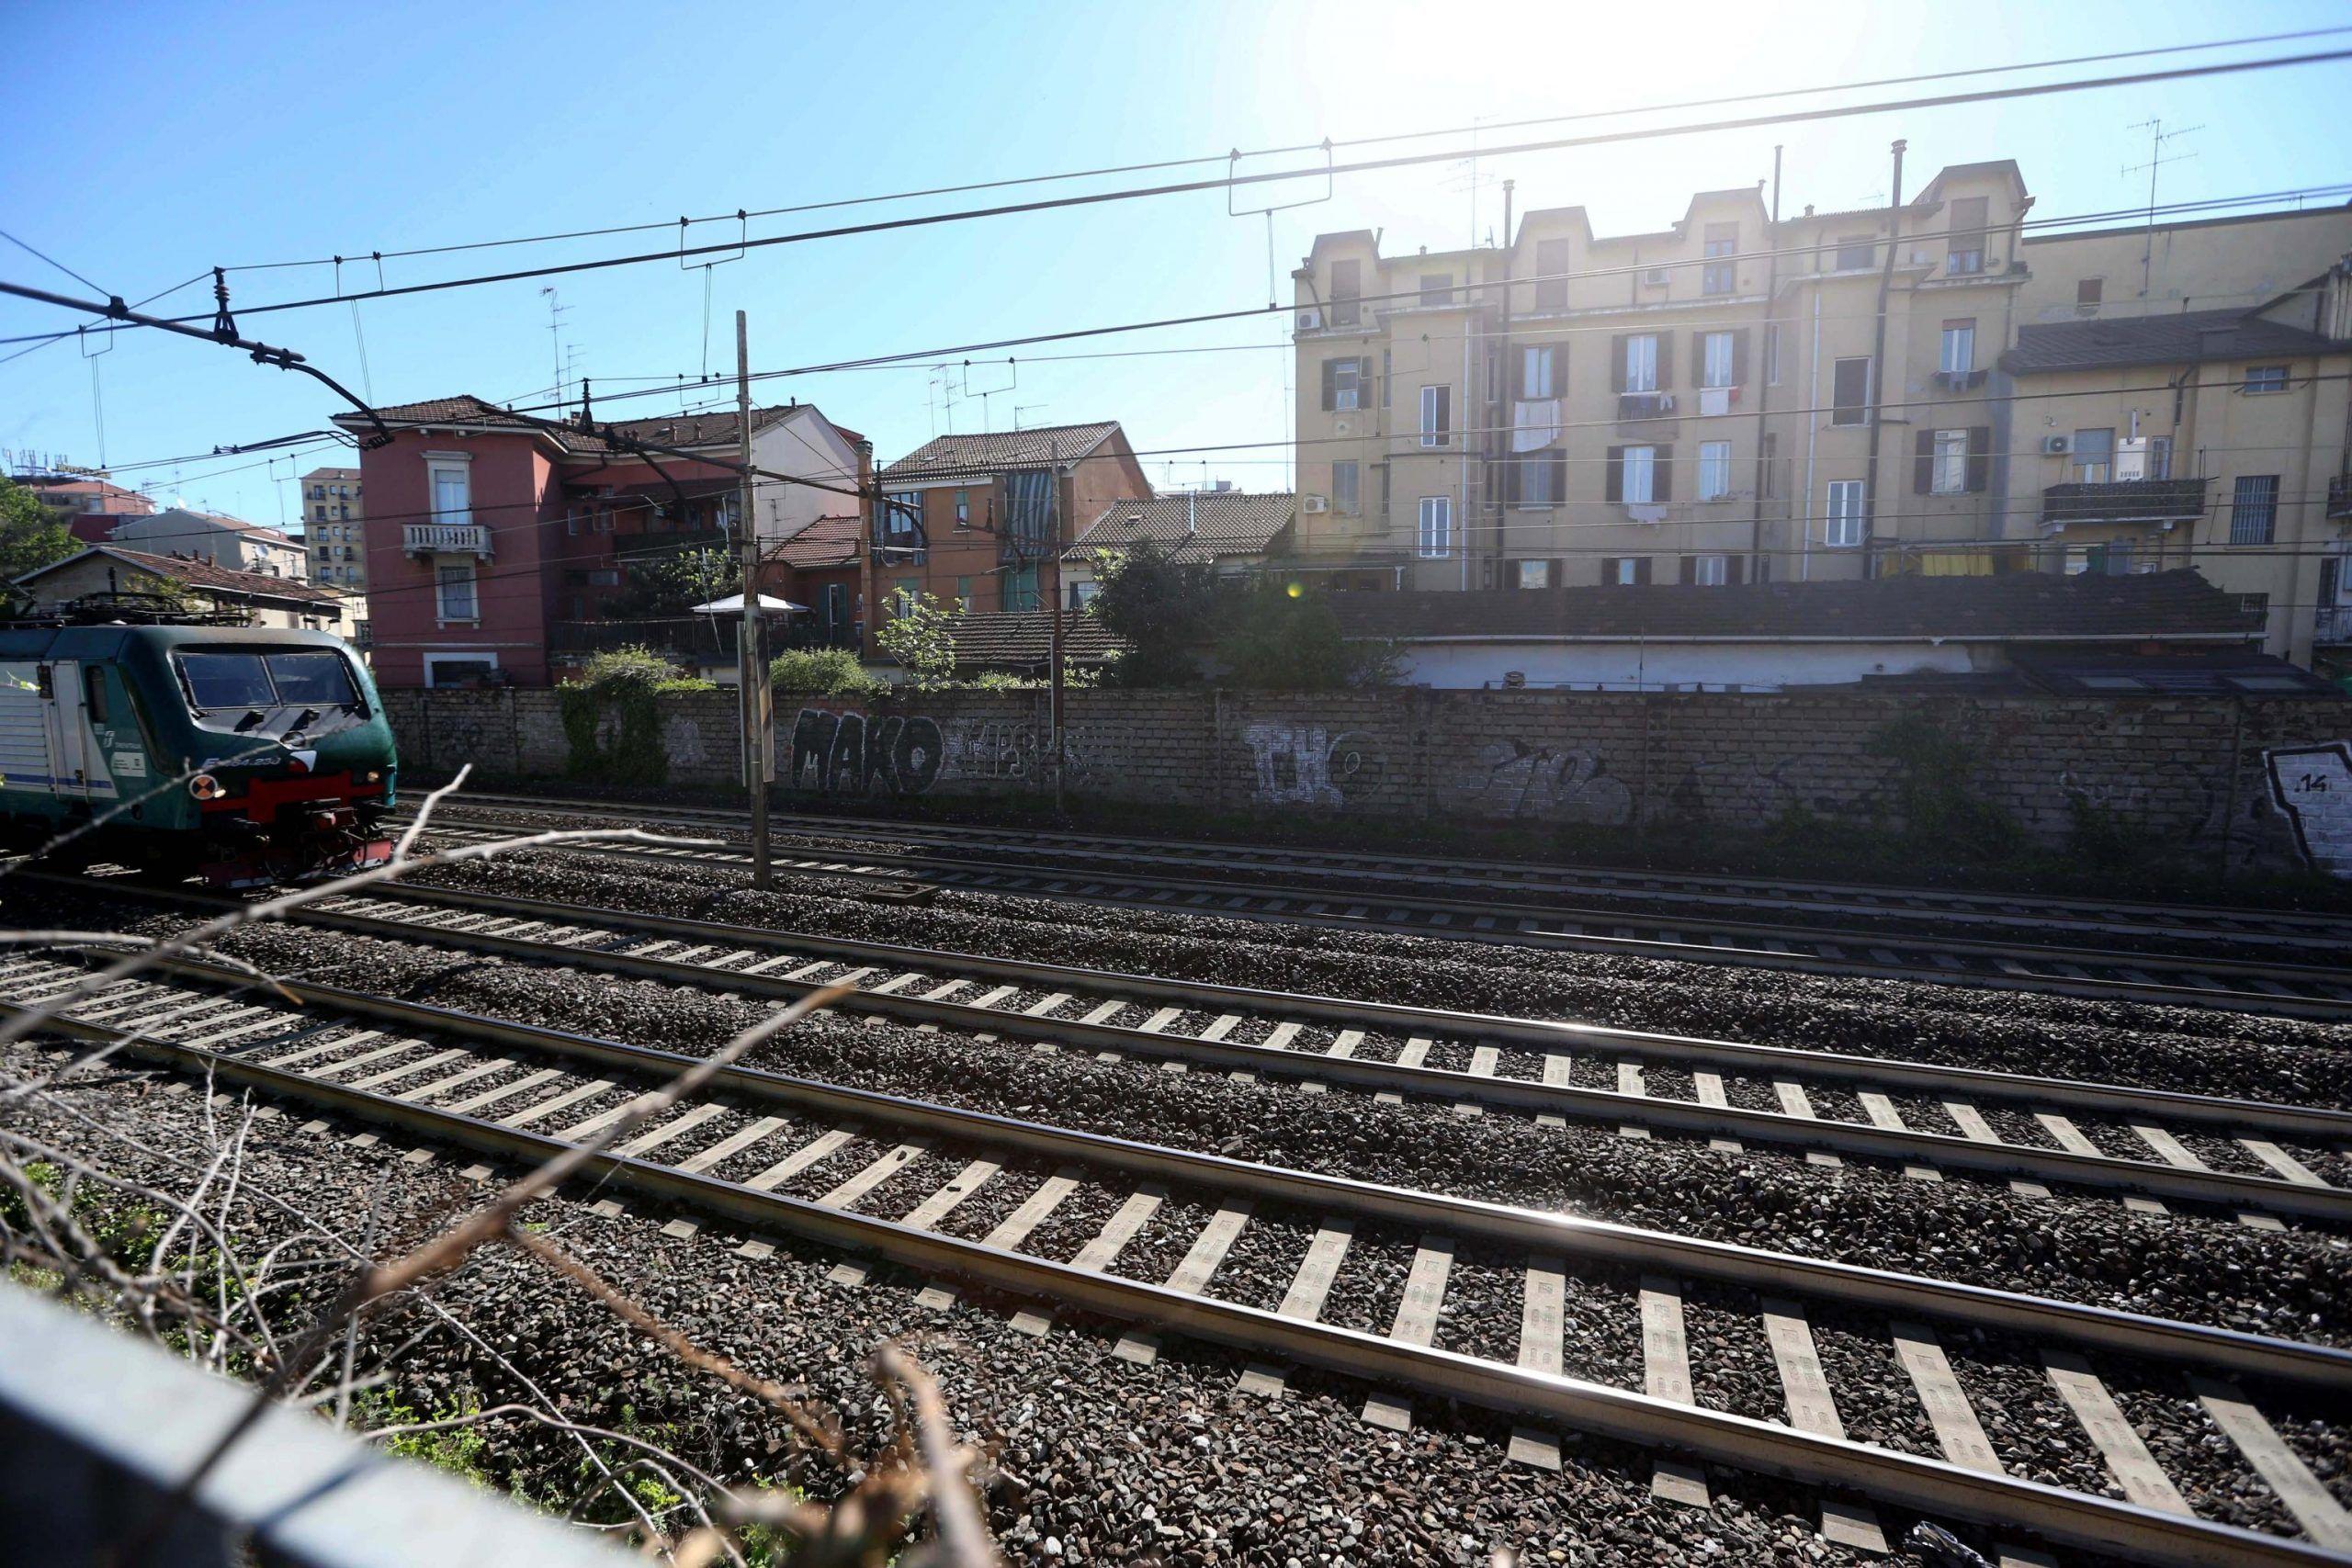 Morto l'artista di strada Mauro Mantovani: travolto da un treno vicino Milano